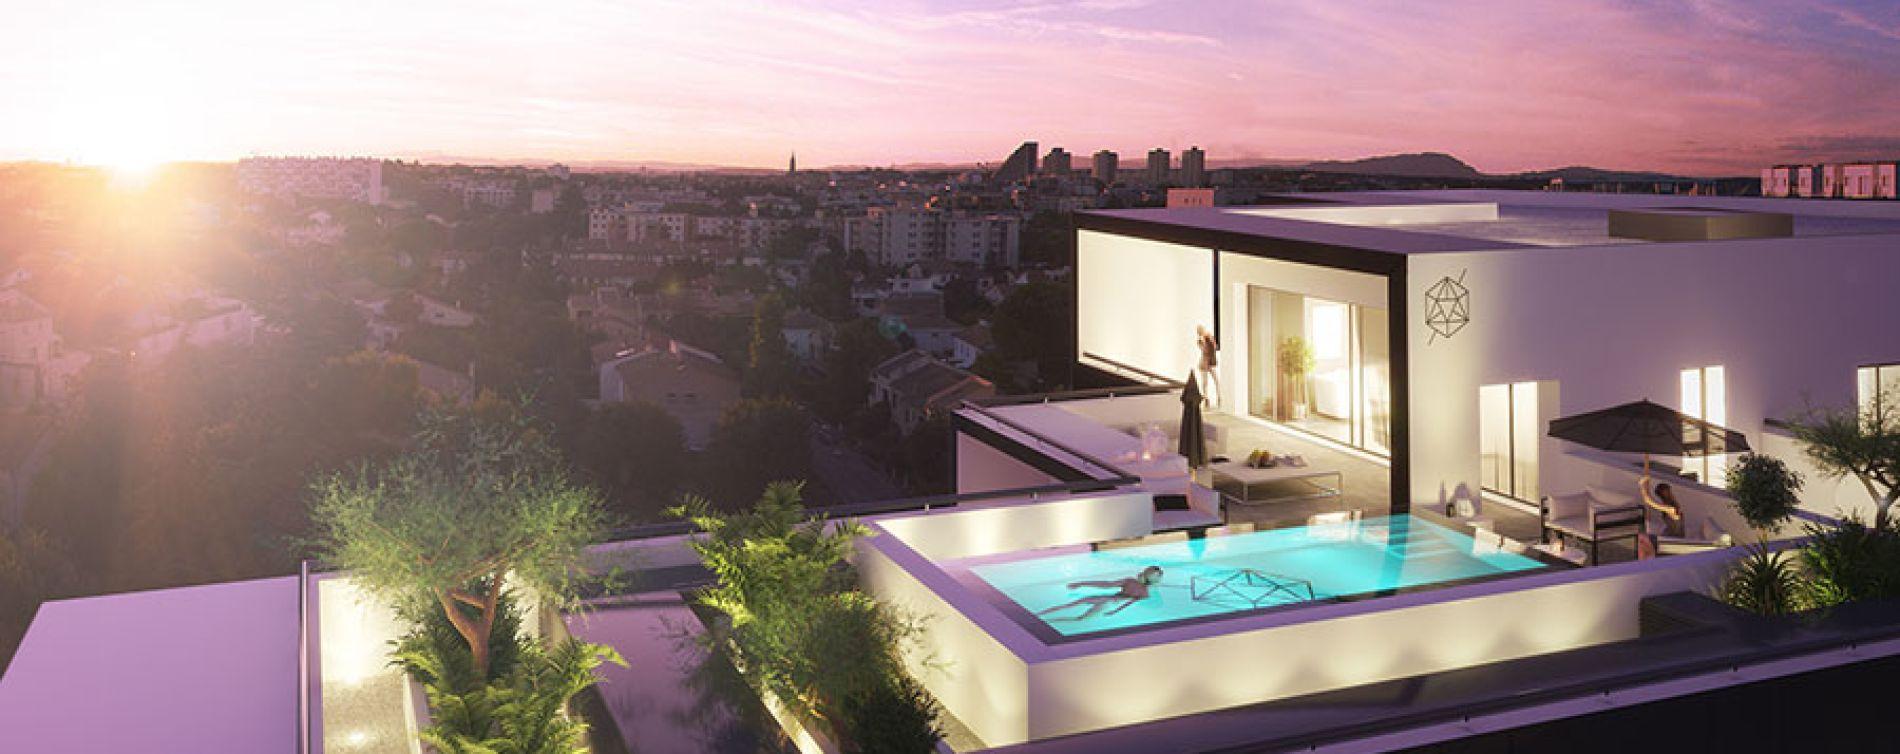 Résidence Skyway à Montpellier